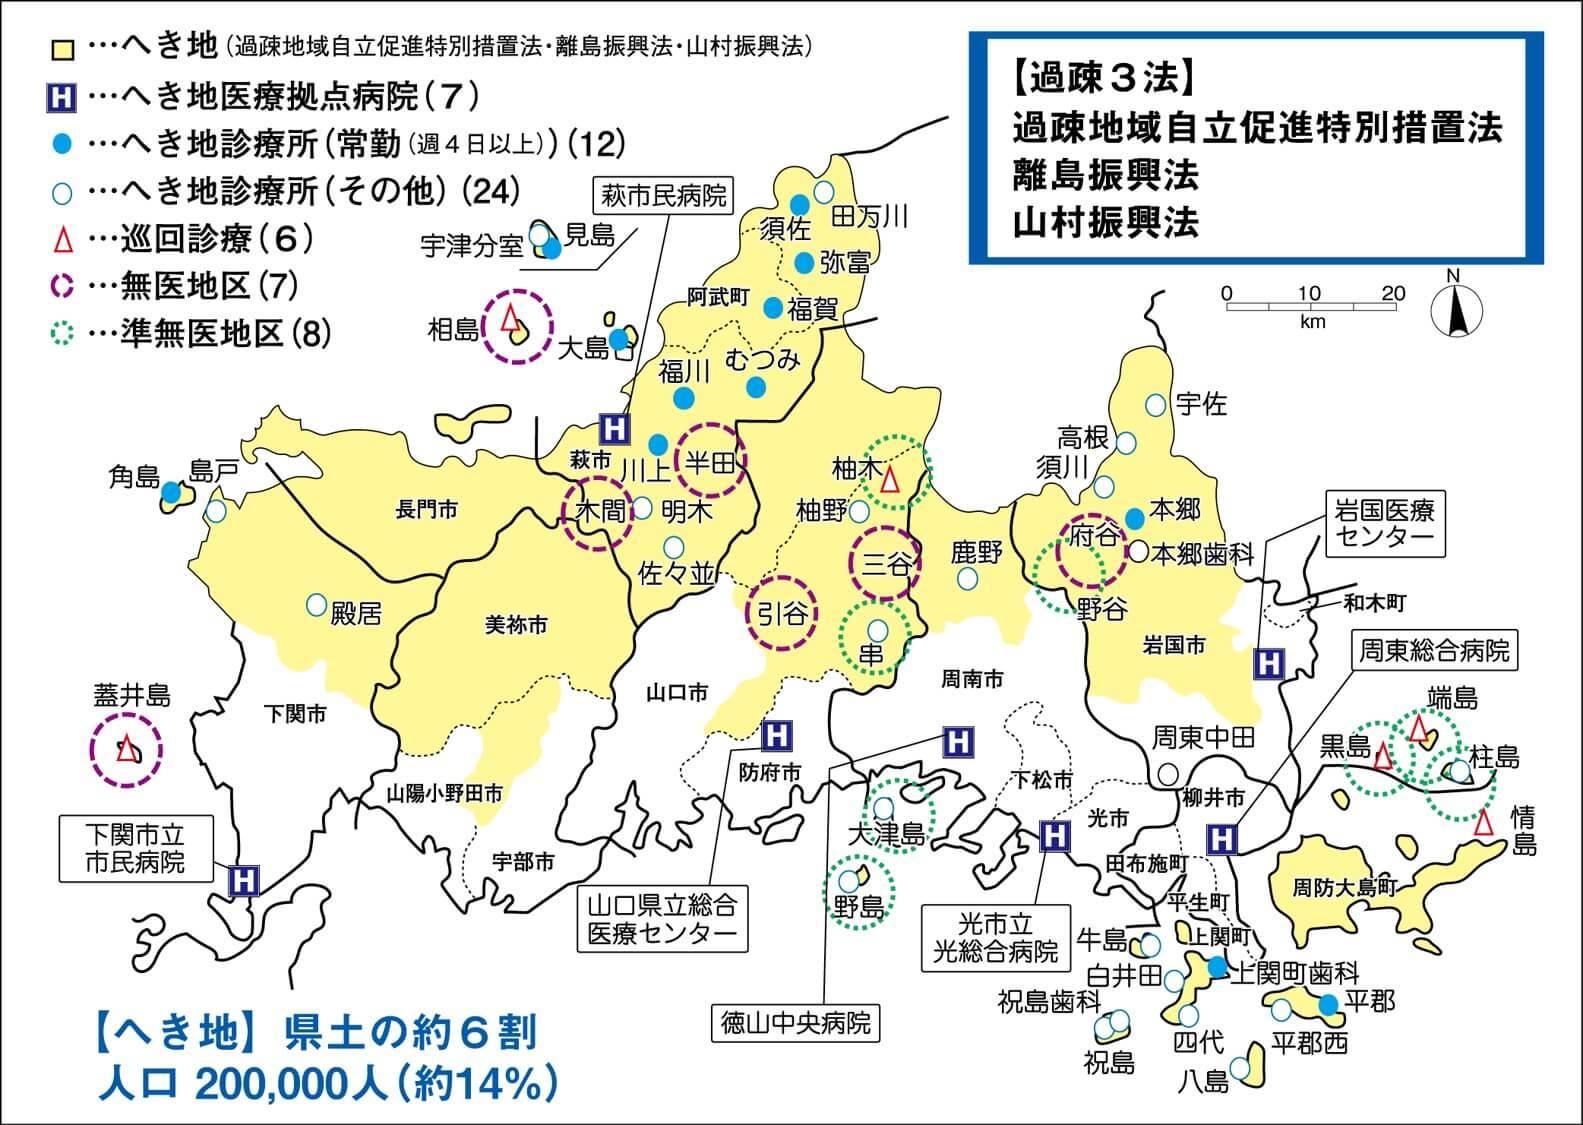 山口県へき地医療